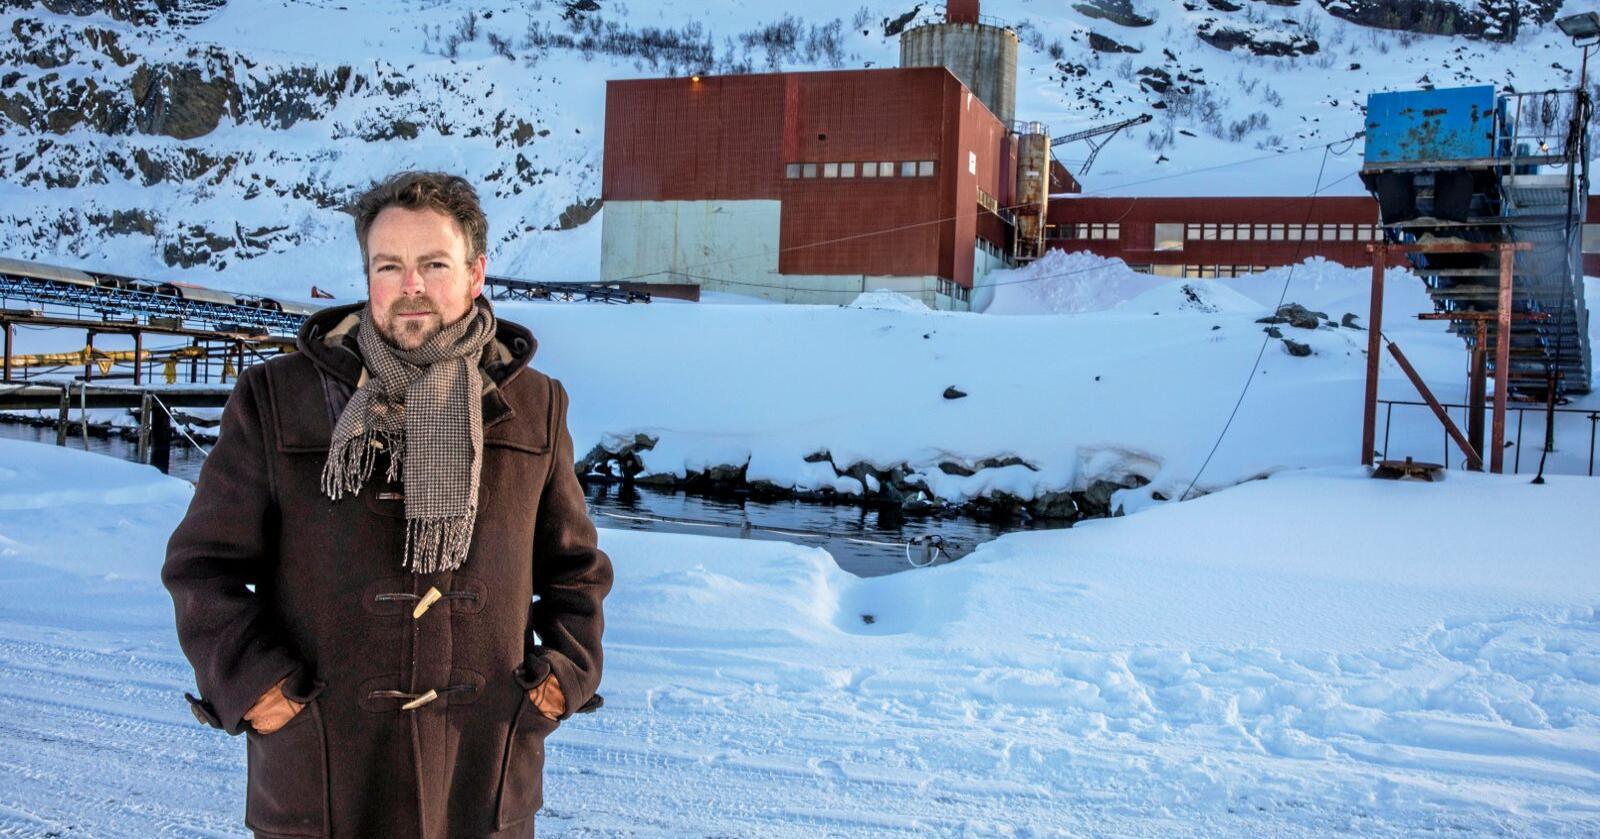 Næringsminister Torbjørn Kvalsund i Kvalsund i april i forbindelse med et folkemøte om gruveutvinning. Foto: Ole Berg-Rusten / NTB Scanpix